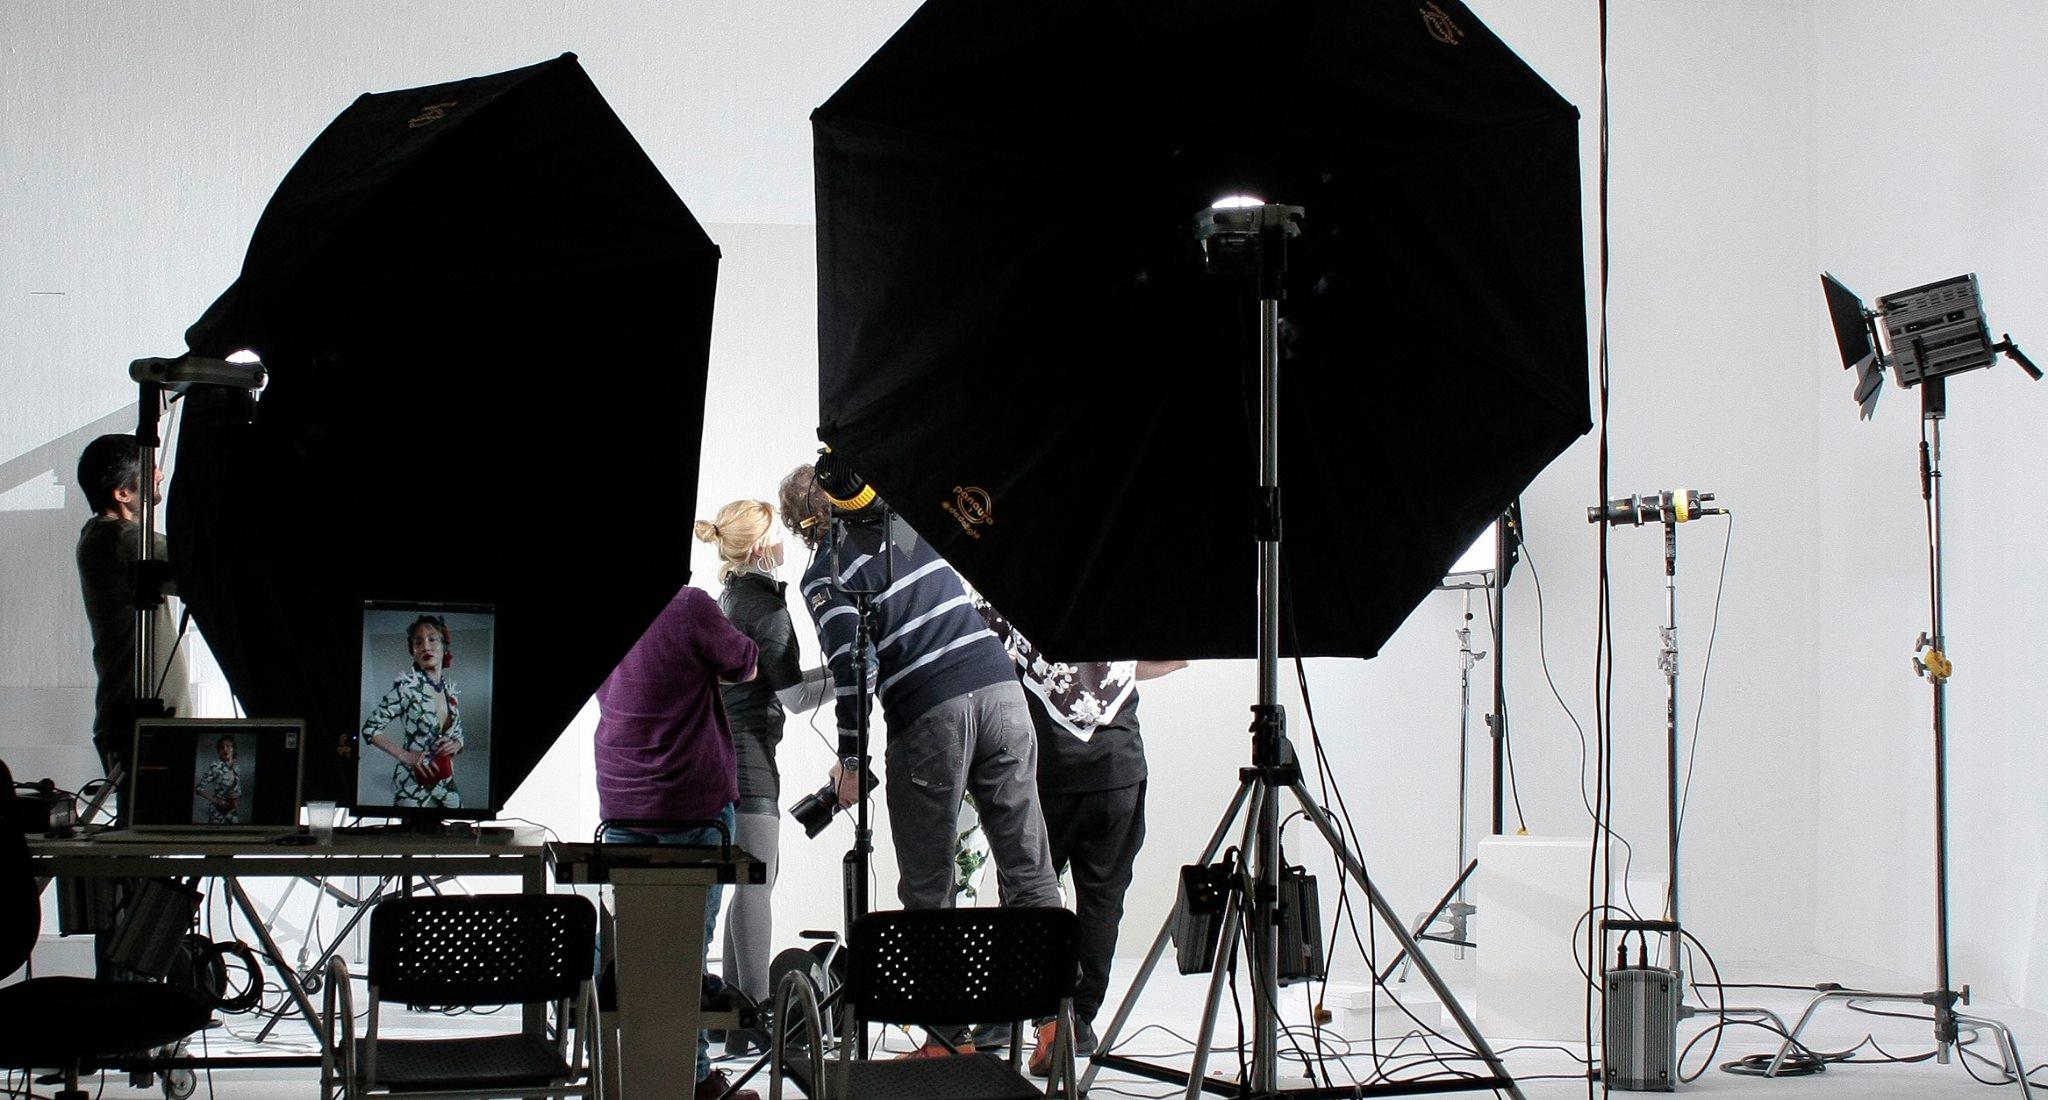 Sesión fotográfica con la top model Duran para el próximo editorial de Horse Magazine